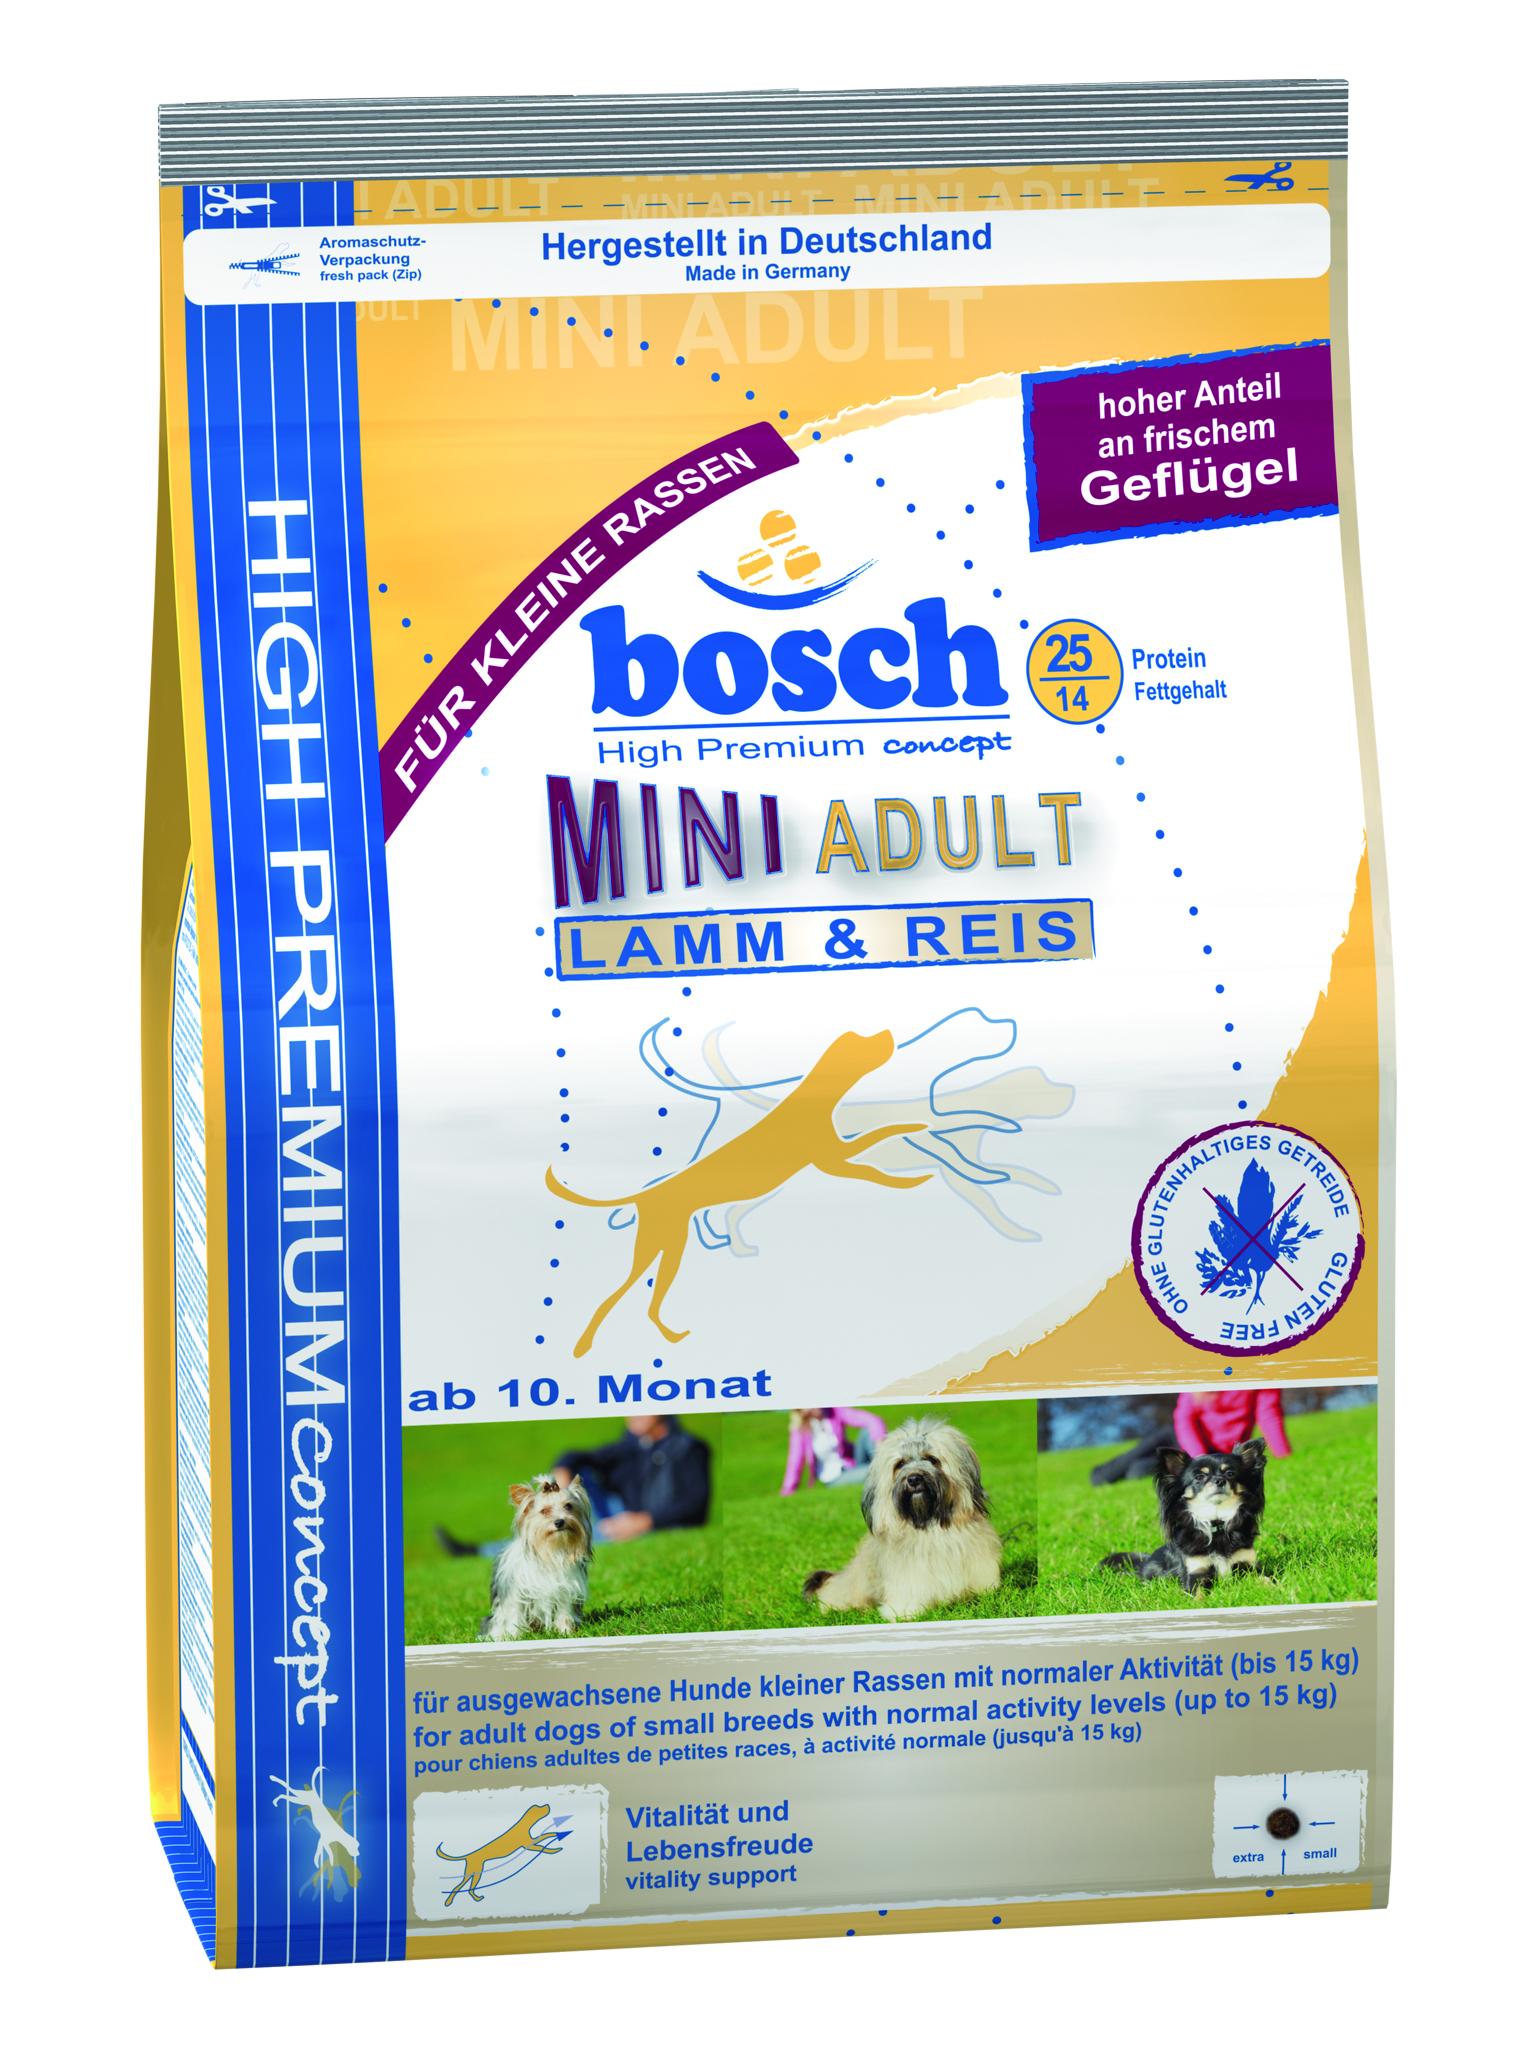 Корм сухой Bosch Mini Adult Lamb Rice для взрослых собак мелких пород, ягненок с рисом, 1 кг5338001Корм предназначен для полнорационного ежедневного питания для взрослых собак, но маленьких пород (вес взрослой собаки до 15 кг). Данный корм содержит только натуральные продукты из высококачественного мяса ягненка, рис, пшеницу, цельное яйцо. Пропорция жира и протеина рассчитана специально для собак мелких пород, так как они более активны и тратят больше энергии. Данный корм Bocsh Mini Lamb & Rice изготовлен из мяса ягненка, которое обладает очень низким аллергенным потенциалом, и поэтому подходит для собак склонных к аллергии, а также с чувствительной кожей и шестью. Корм имеет высокие вкусовые показатели, поэтому подойдет даже очень избирательным собакам. Состав: свежее мясо домашней птицы 20%, рис 17%, кукуруза, мясо домашней птицы, мука из мяса ягненка 5%, клейковина кукурузы, просо, животный жир, свекольная пульпа (без сахара), яичный порошок, гидролизованное мясо, льняное семя, рыбная мука, мука из свежего мяса, рыбий жир, дрожжи (минимум 0,1% маннан-олигосахариды,...